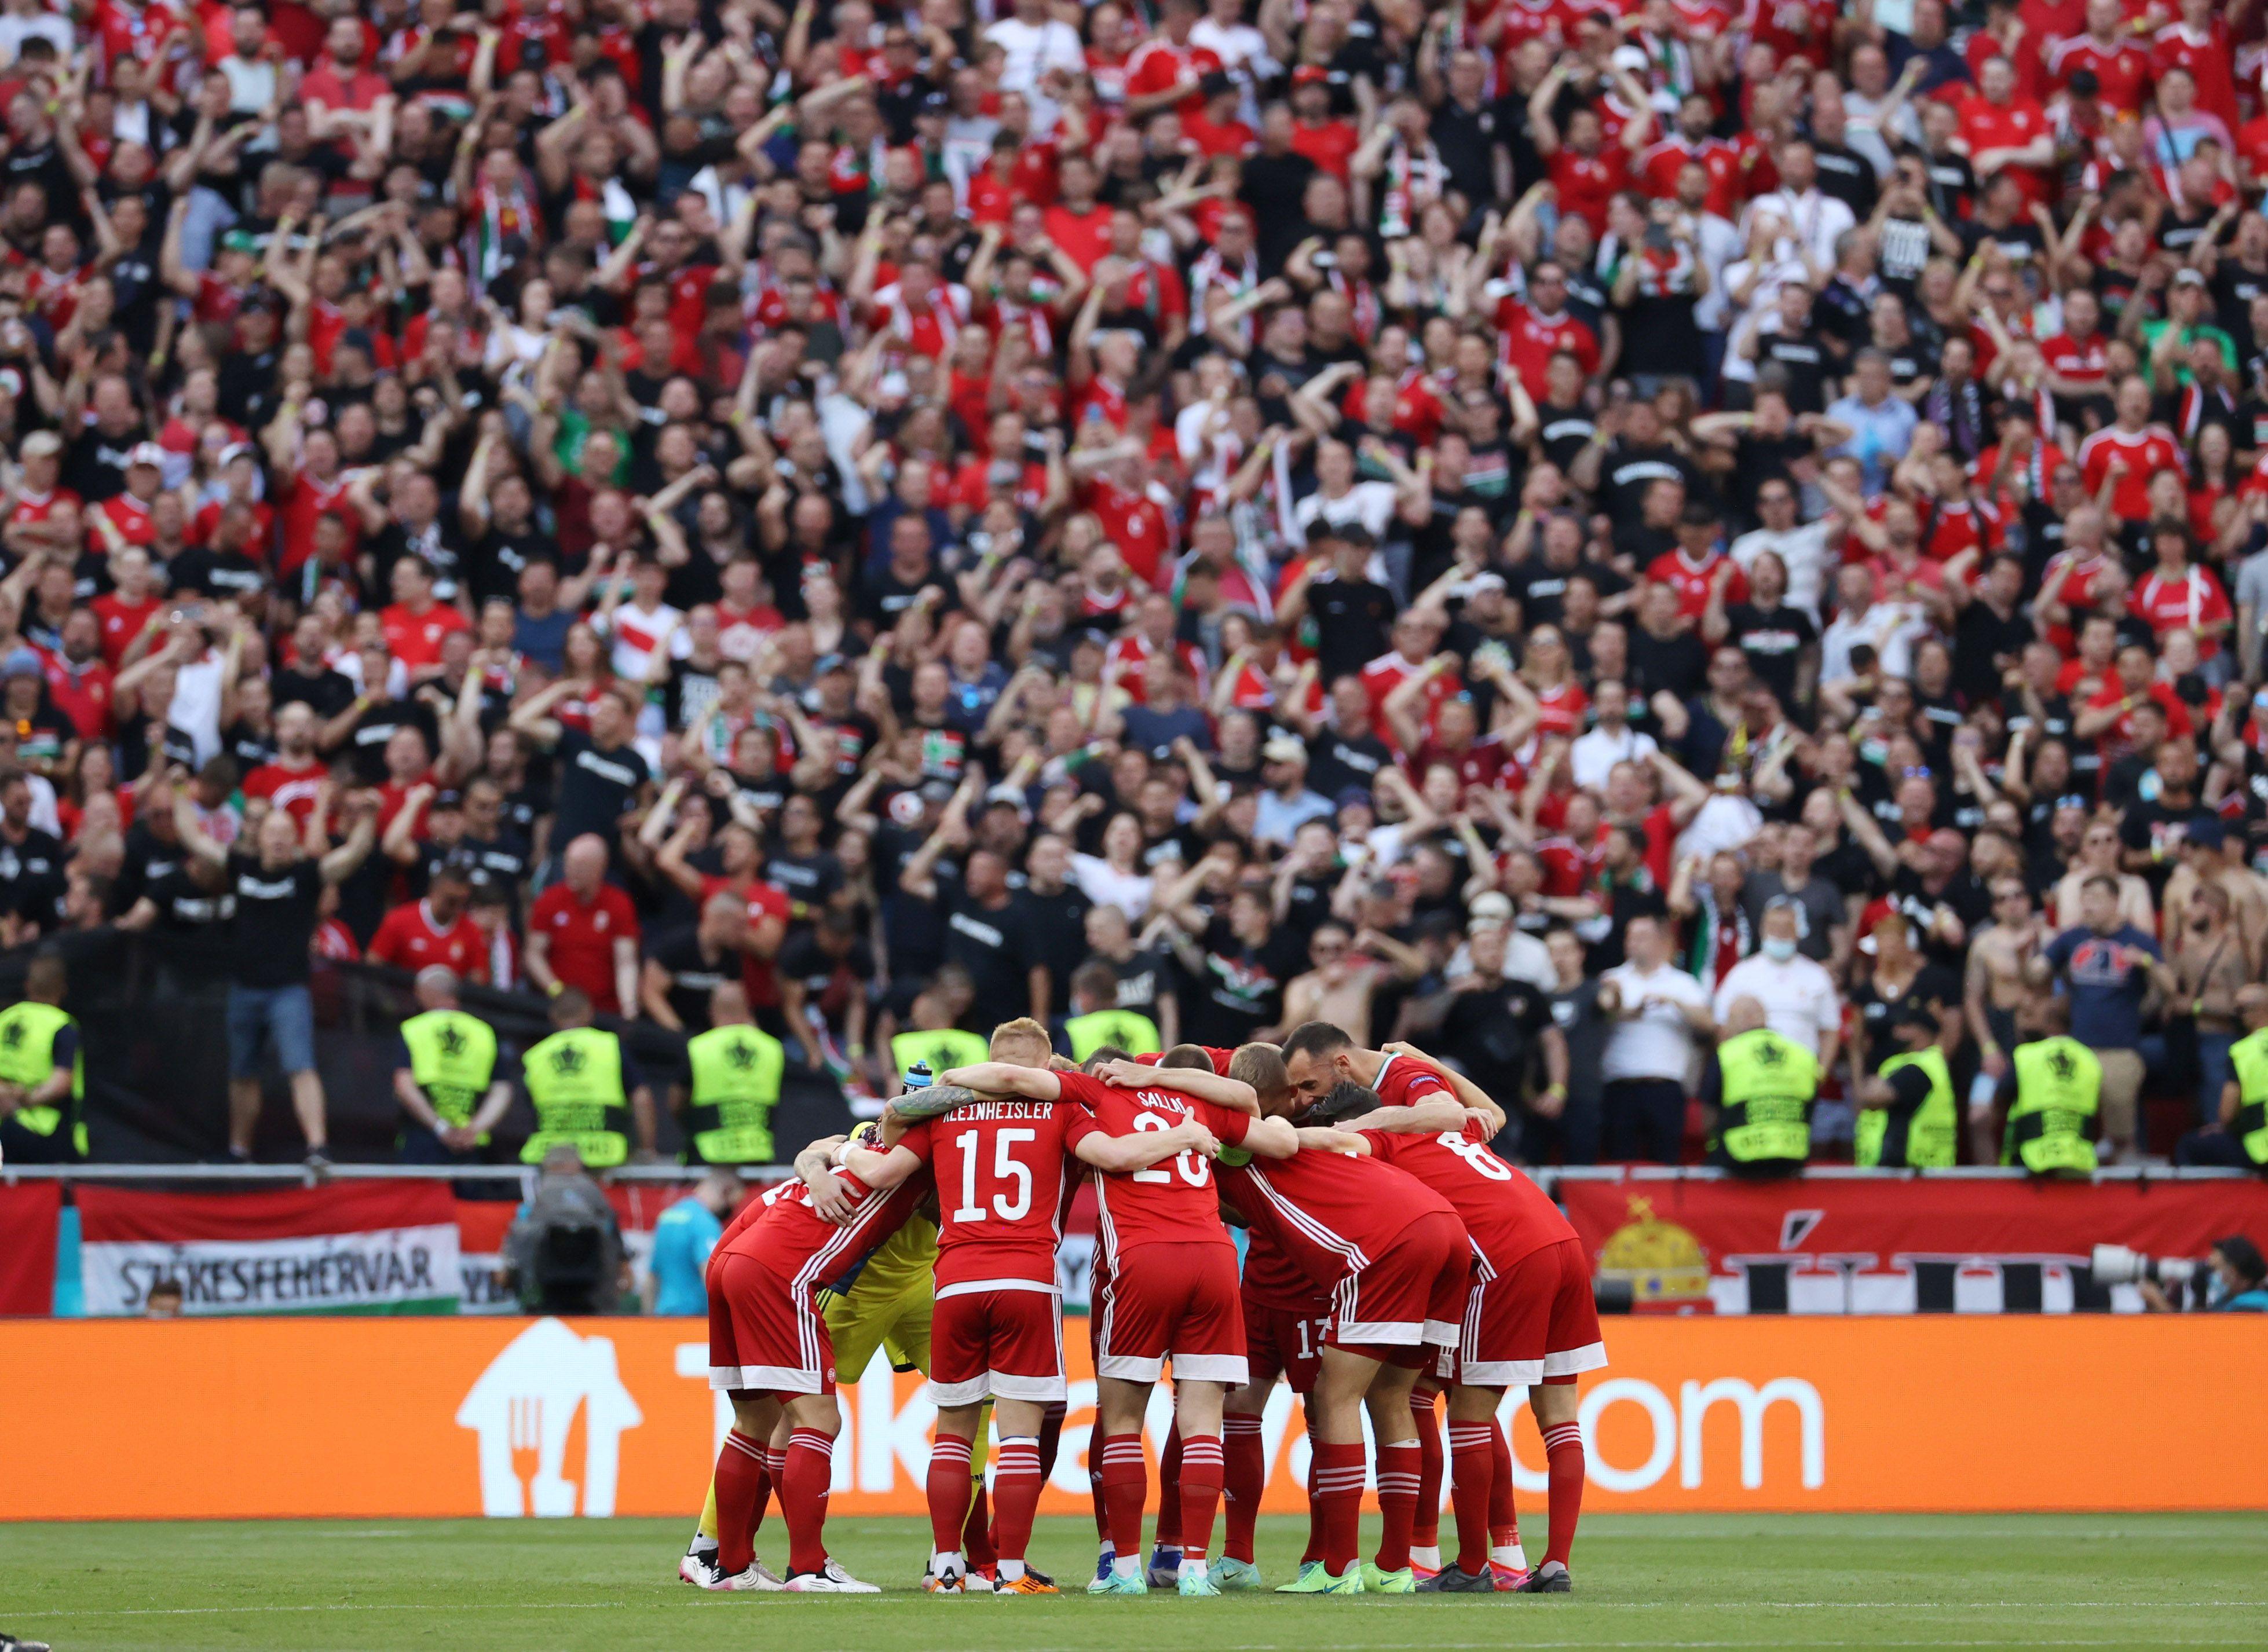 Última charla del equipo húngaro mientras recibe el apoyo total de un estadio repleto (Foto REUTERS)